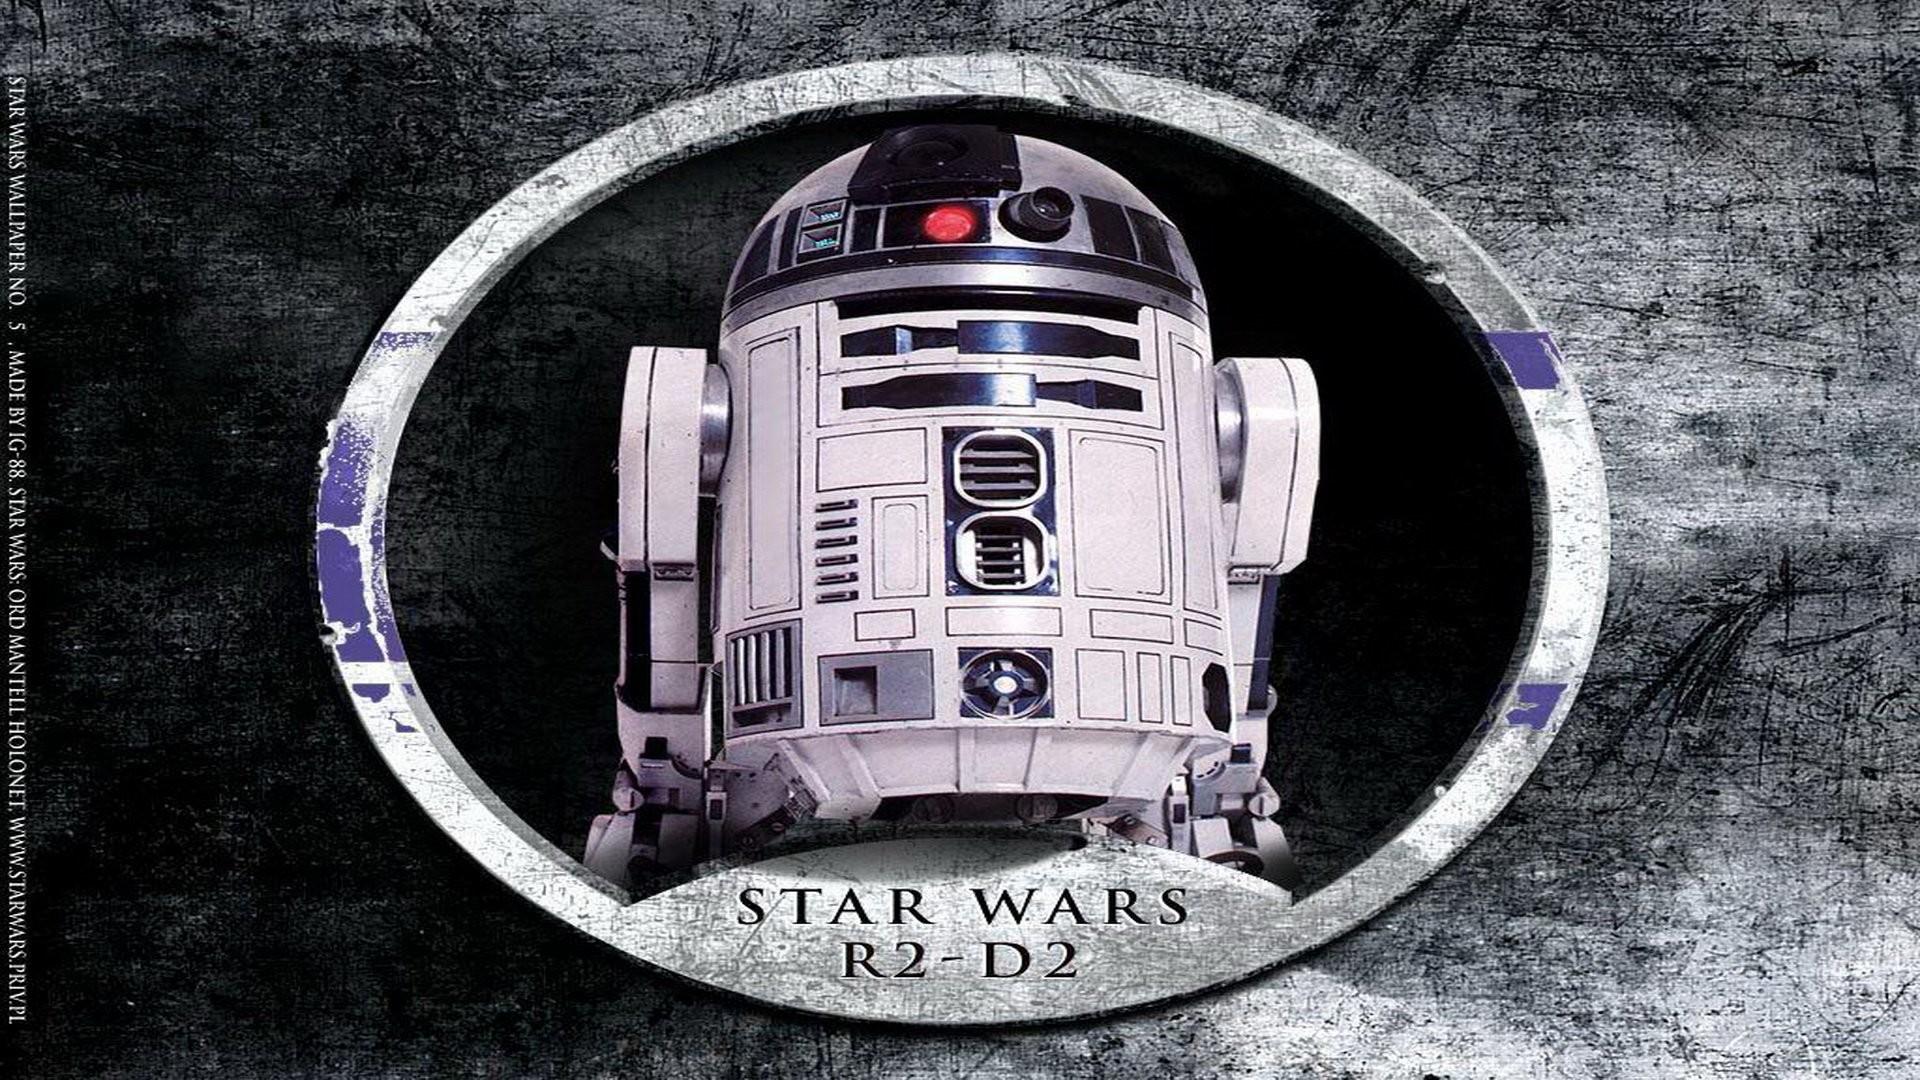 R2d2 Star Wars R2d2 1920x1080 Wallpaper Teahub Io